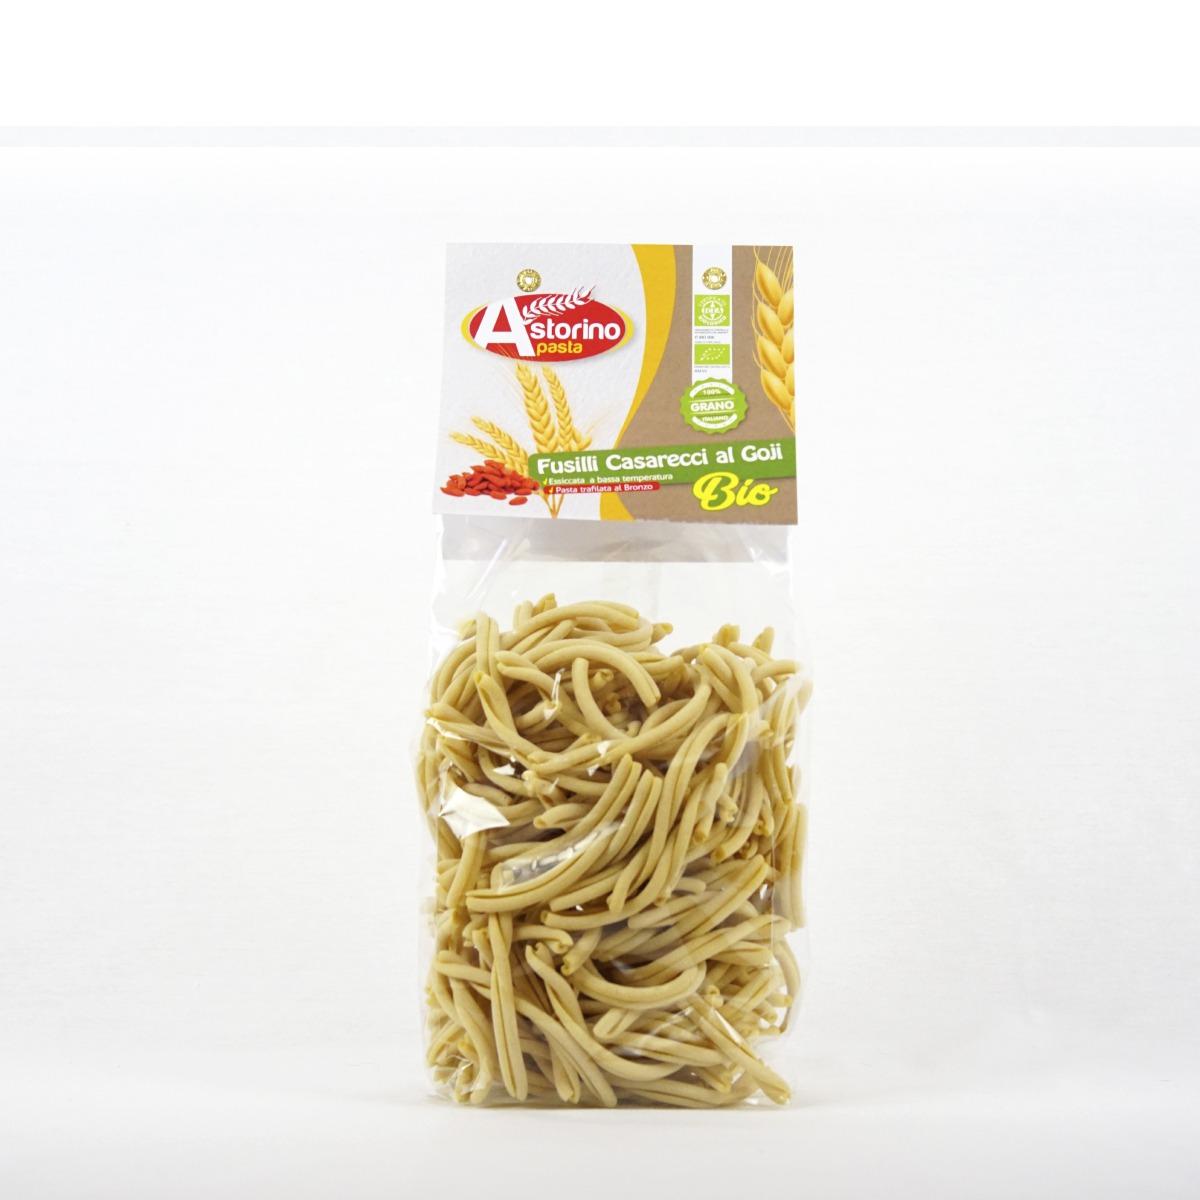 pasta_biologica_di_grano_duro_fusilli_caserecci_di_goji_f